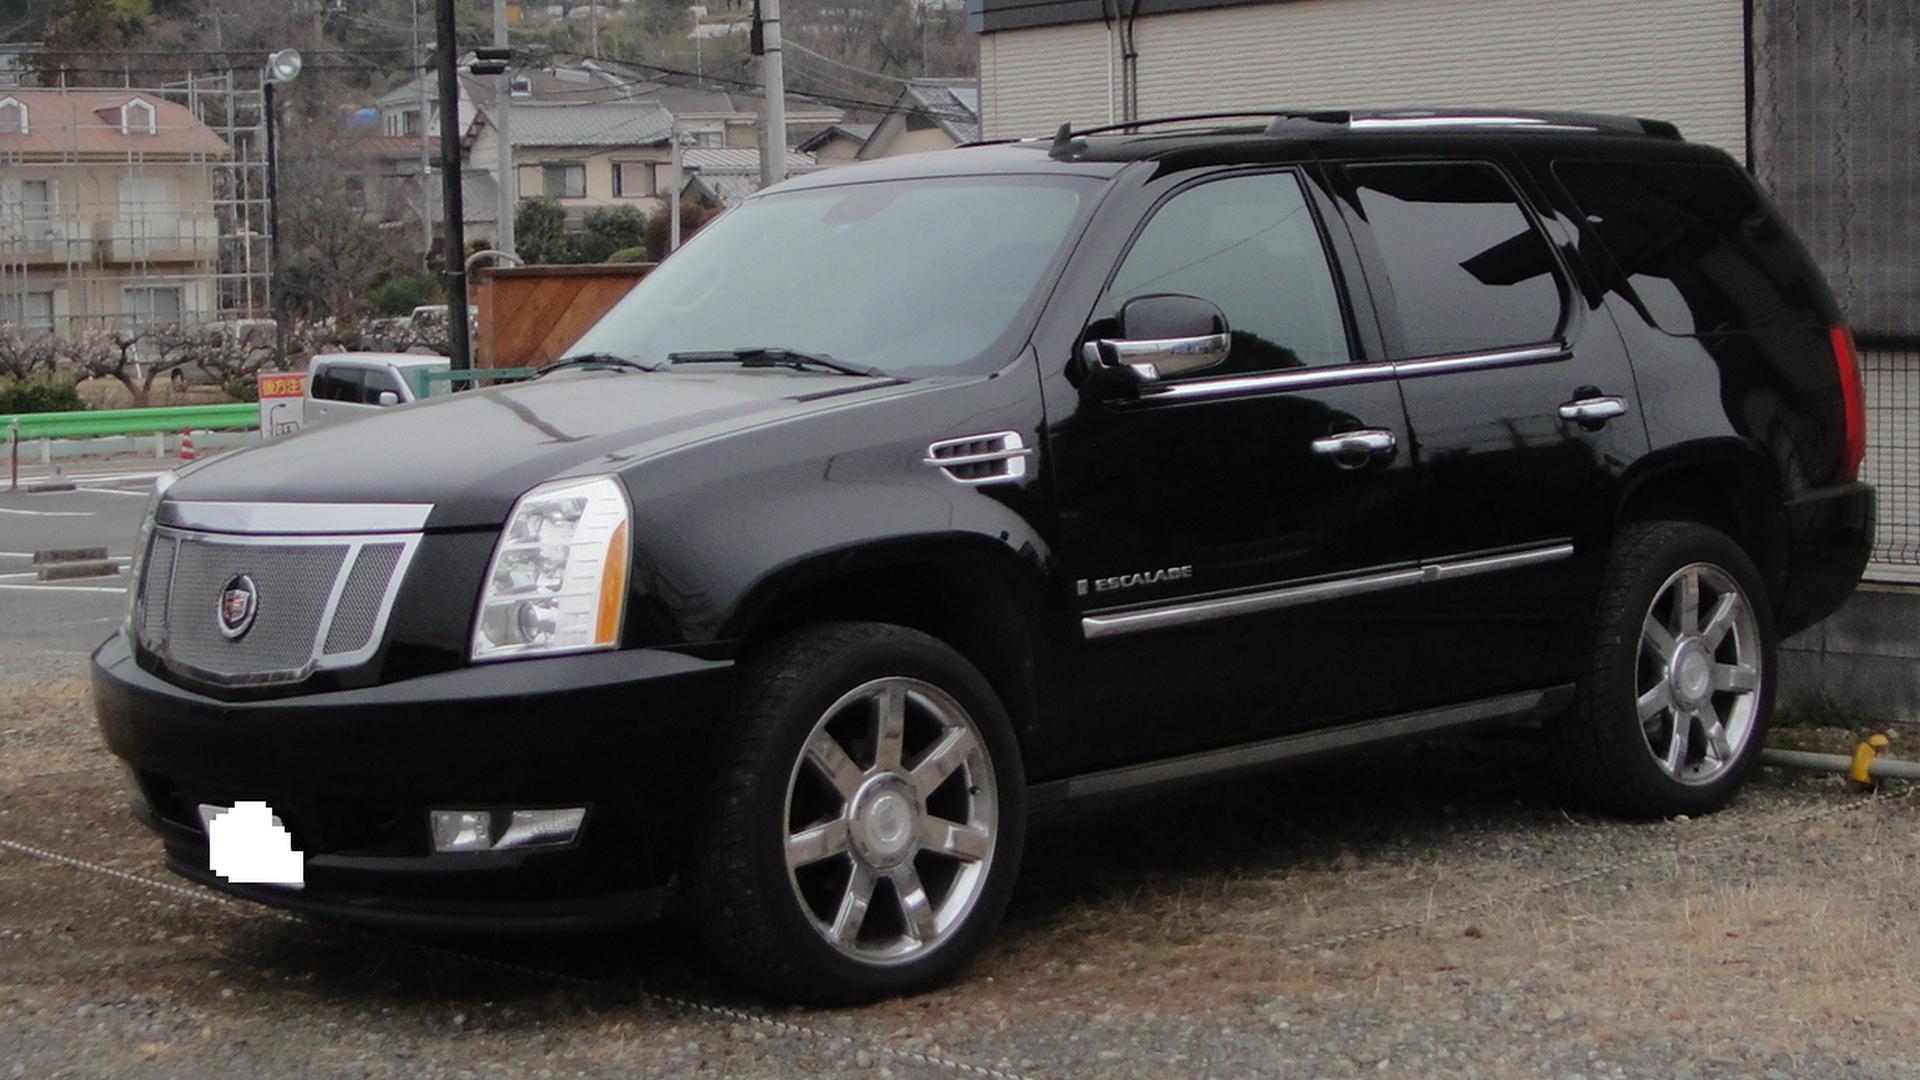 2012 Cadillac Escalade Platinum For Sale >> File:Cadillac Escalade-Tx-re.JPG